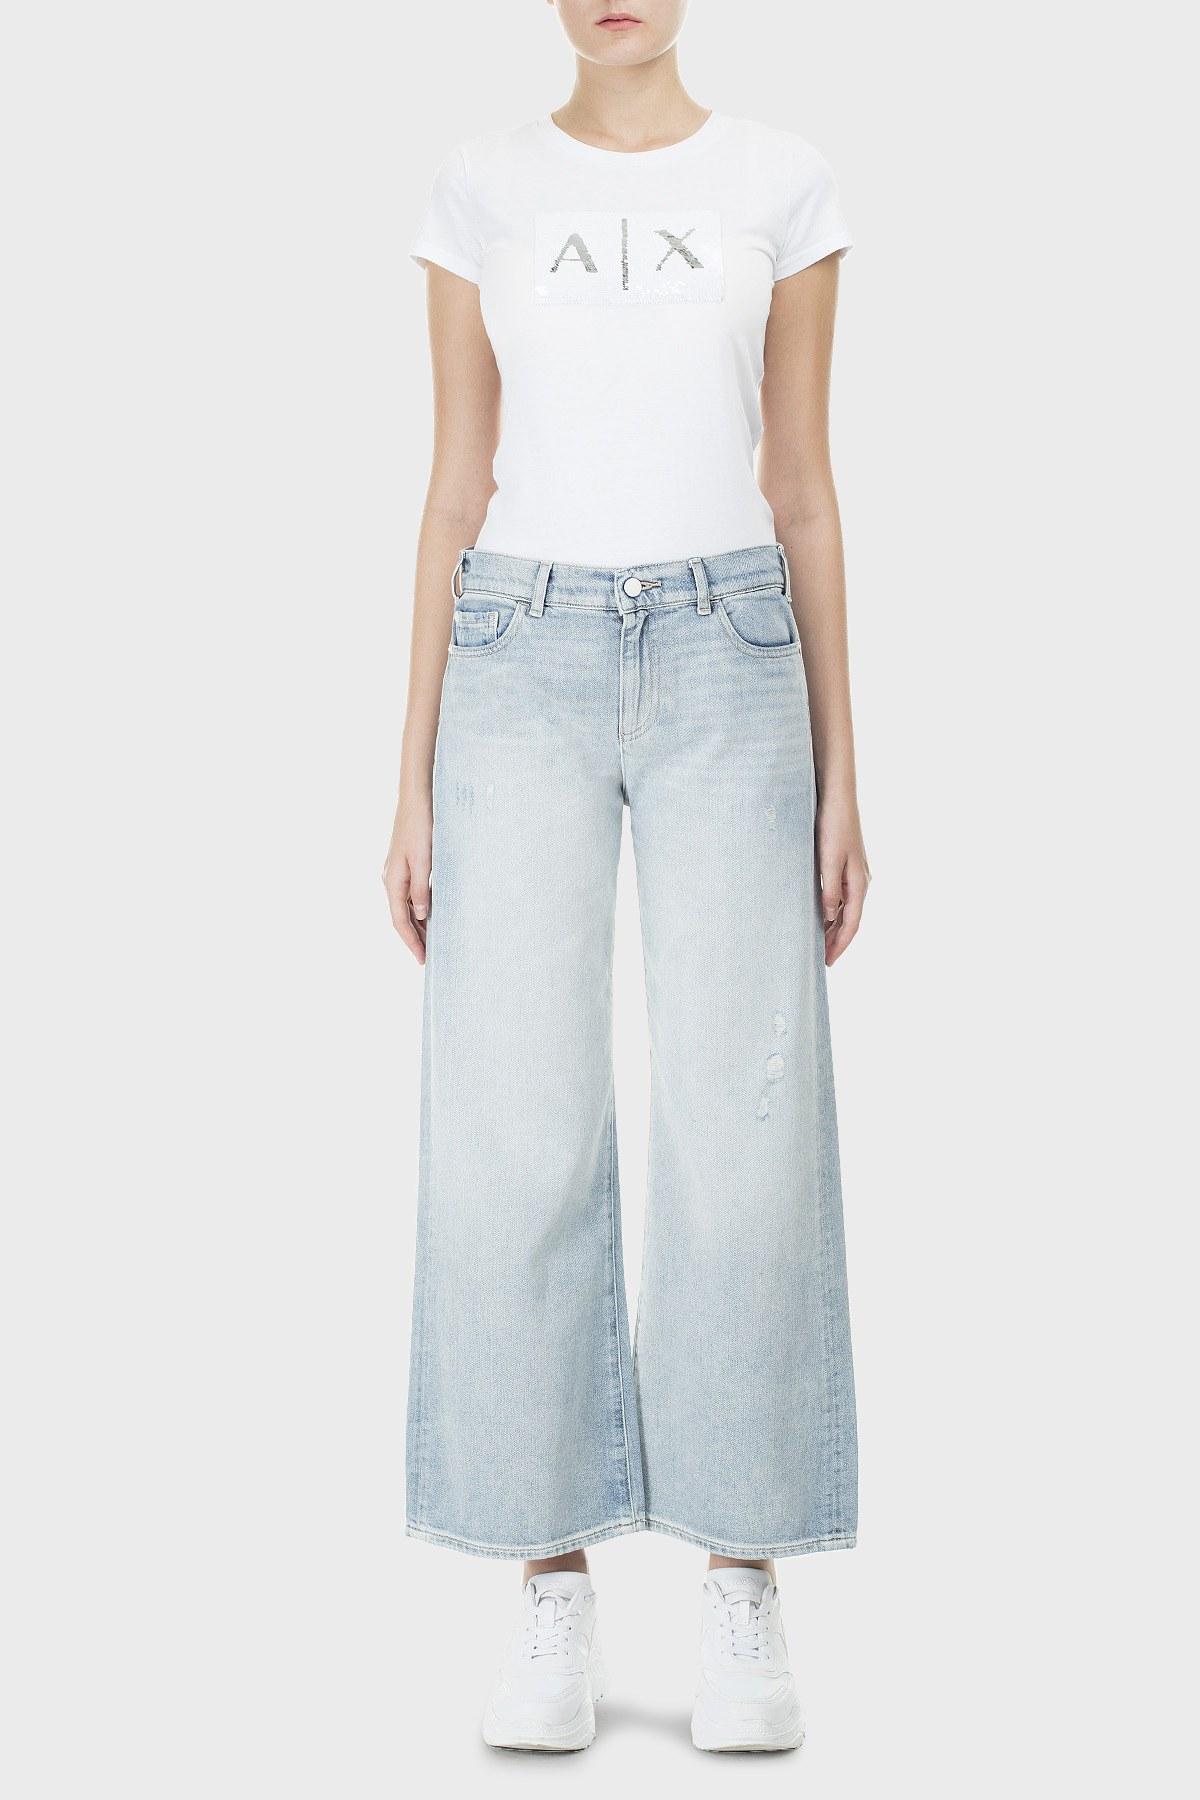 Emporio Armani J33 Jeans Bayan Kot Pantolon 3H2J33 2D8KZ 0941 LACİVERT